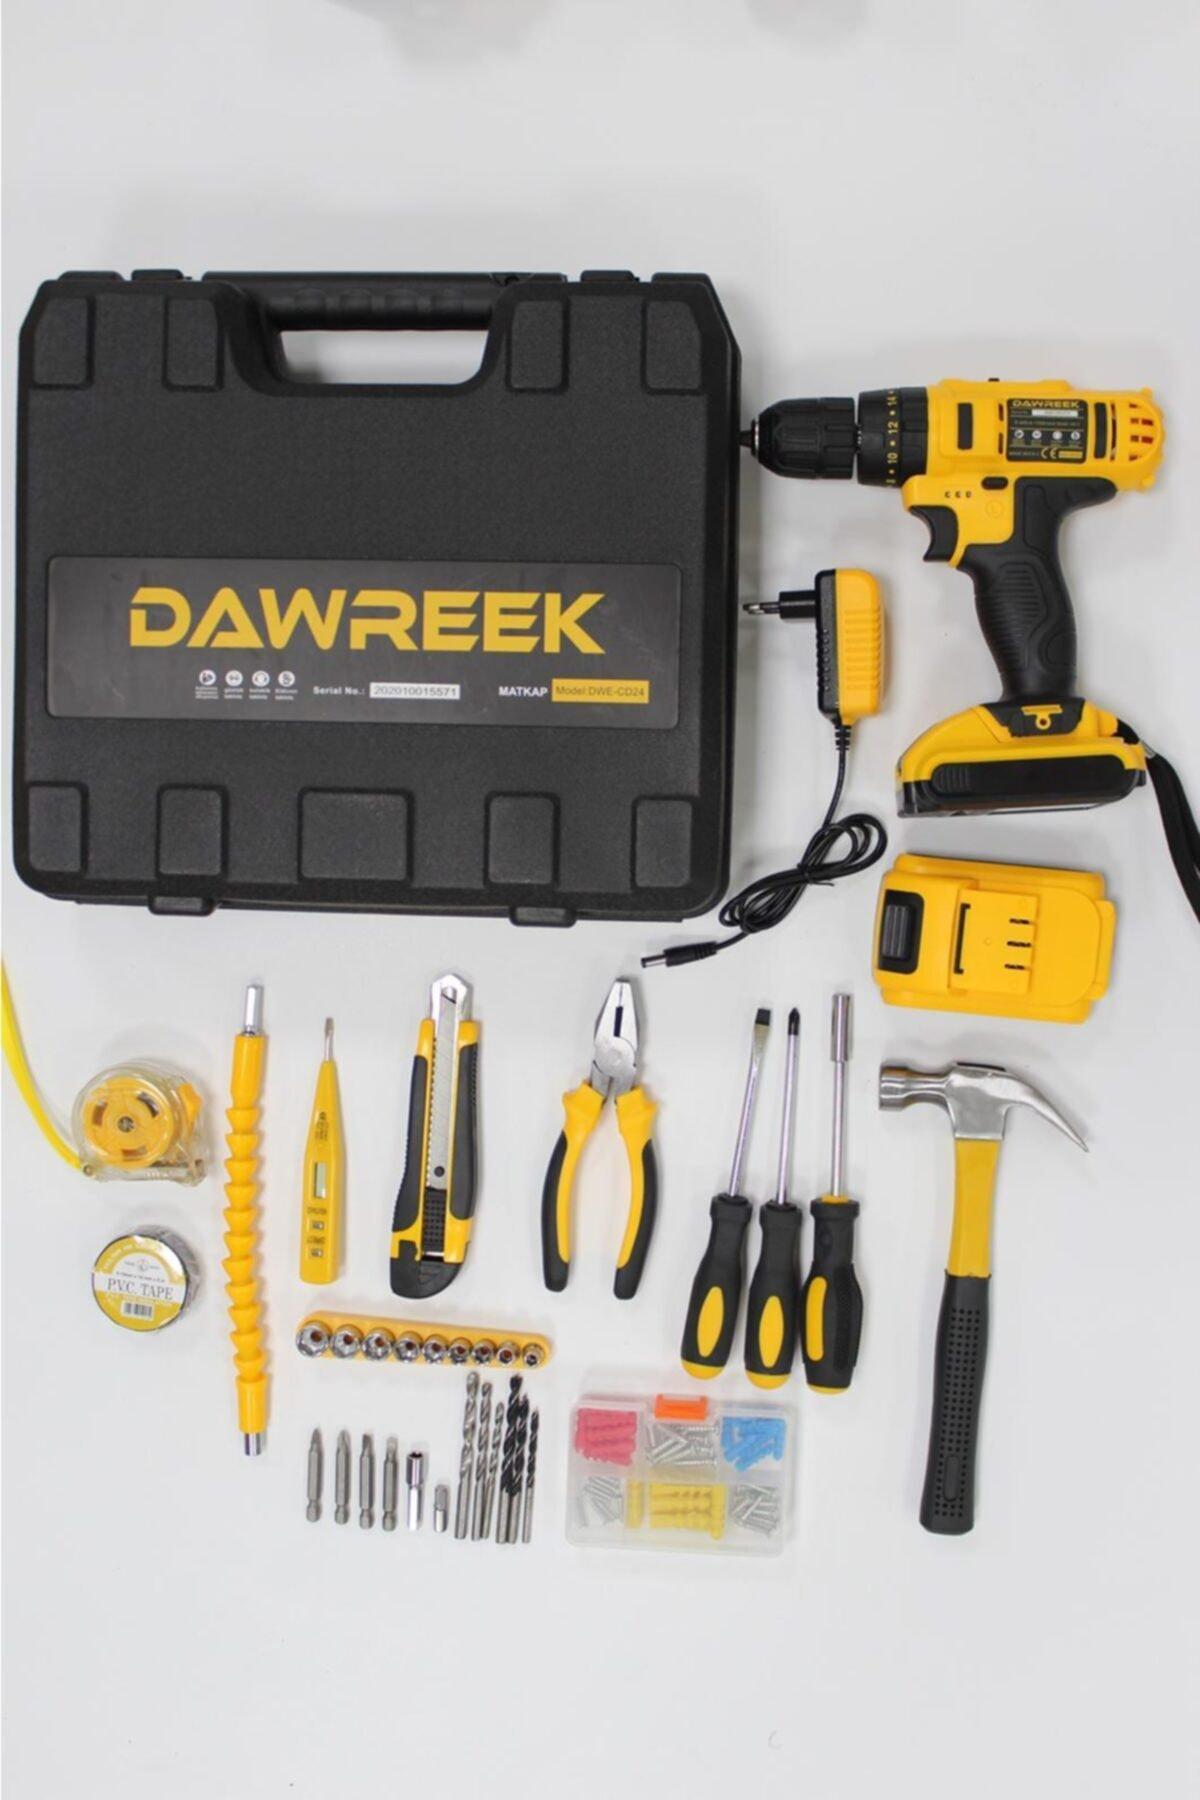 Dawreek 24 V Full Setli 30 Parça Çift Bataryalı Metal Şanzumanlı Darbeli Şarjlı Matkap